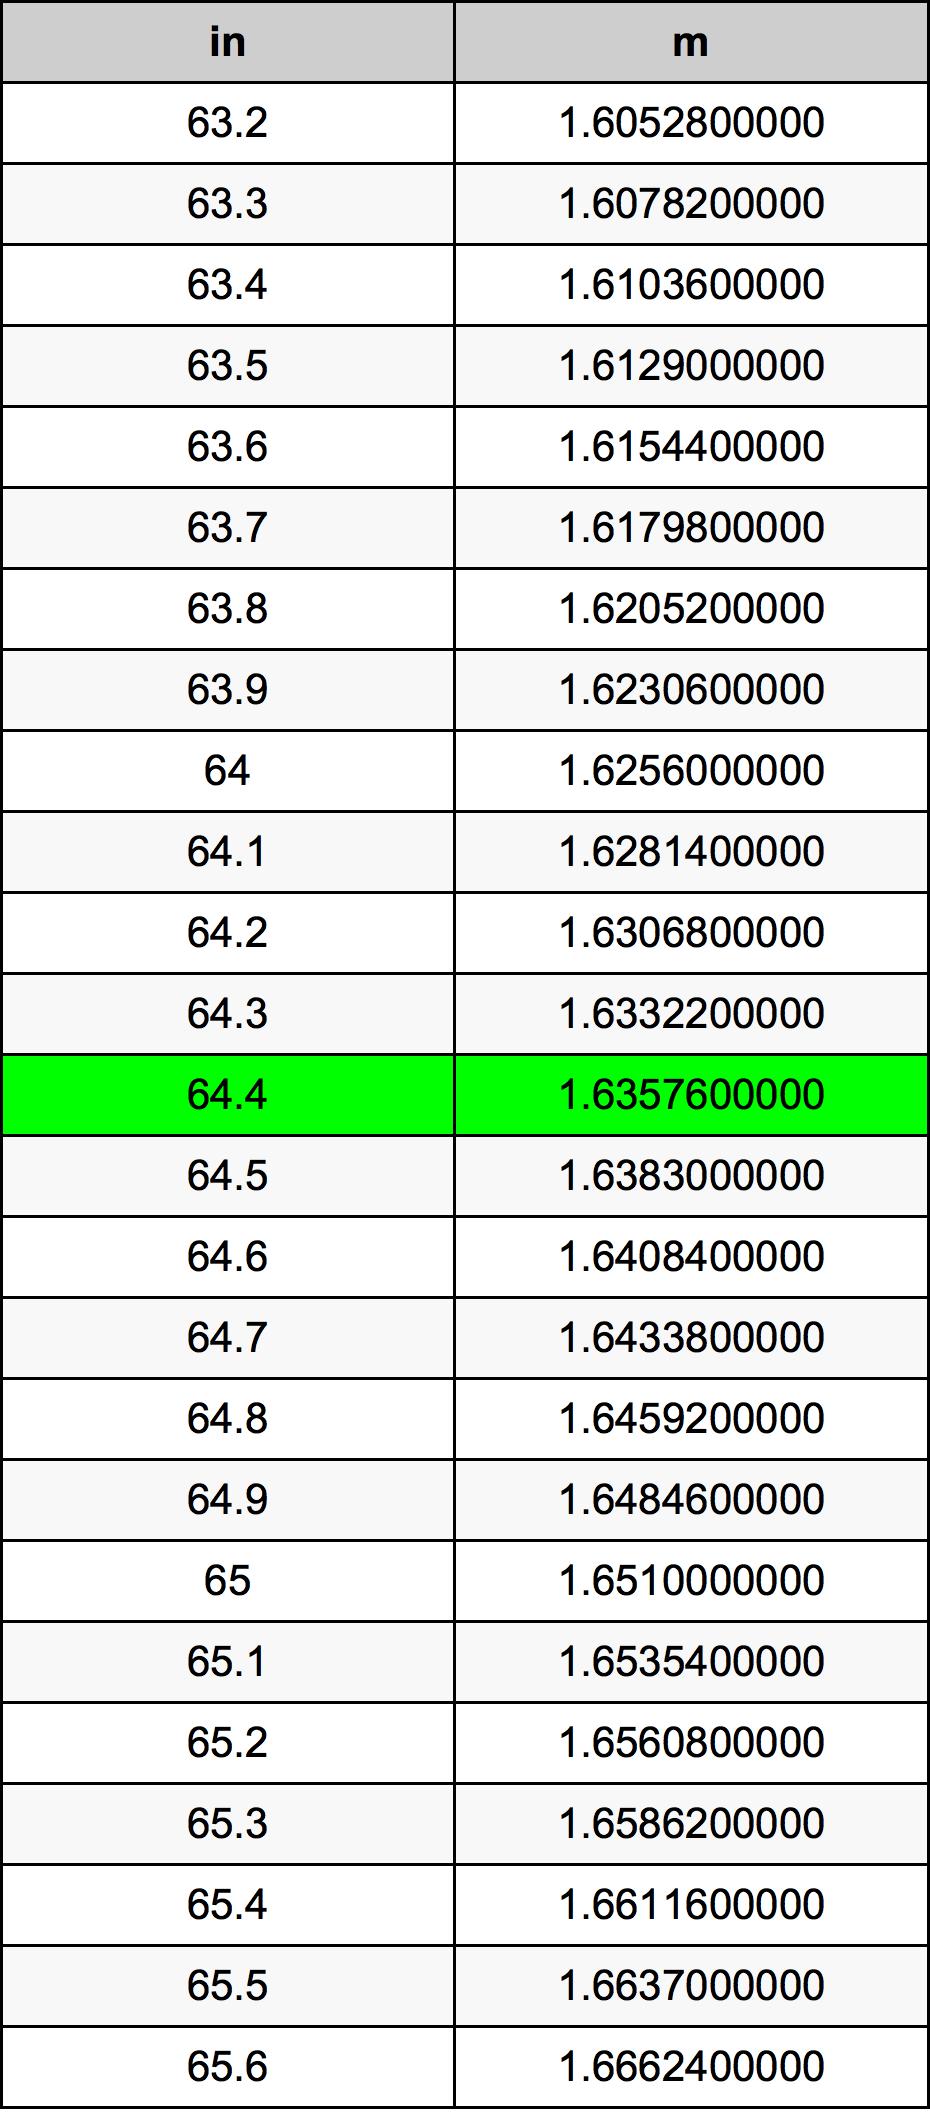 64.4 Colis konversijos lentelę